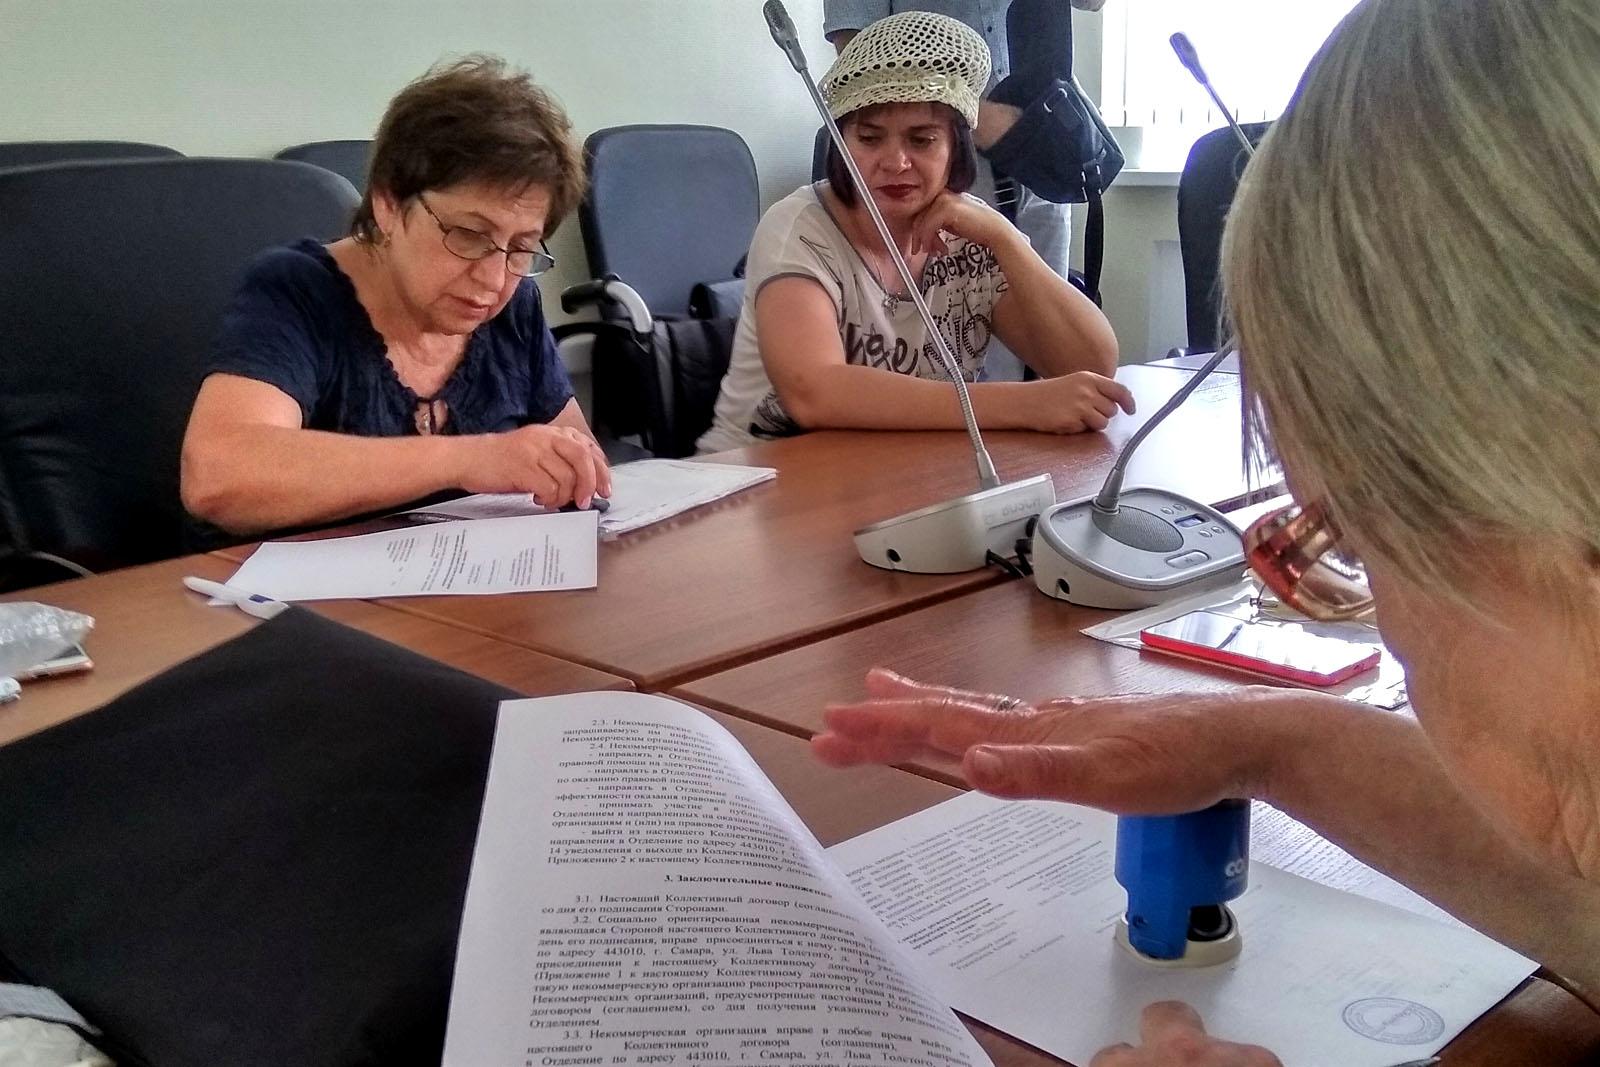 Подписание соглашения о центре юридической помощи Pro Bono, 29.06.18